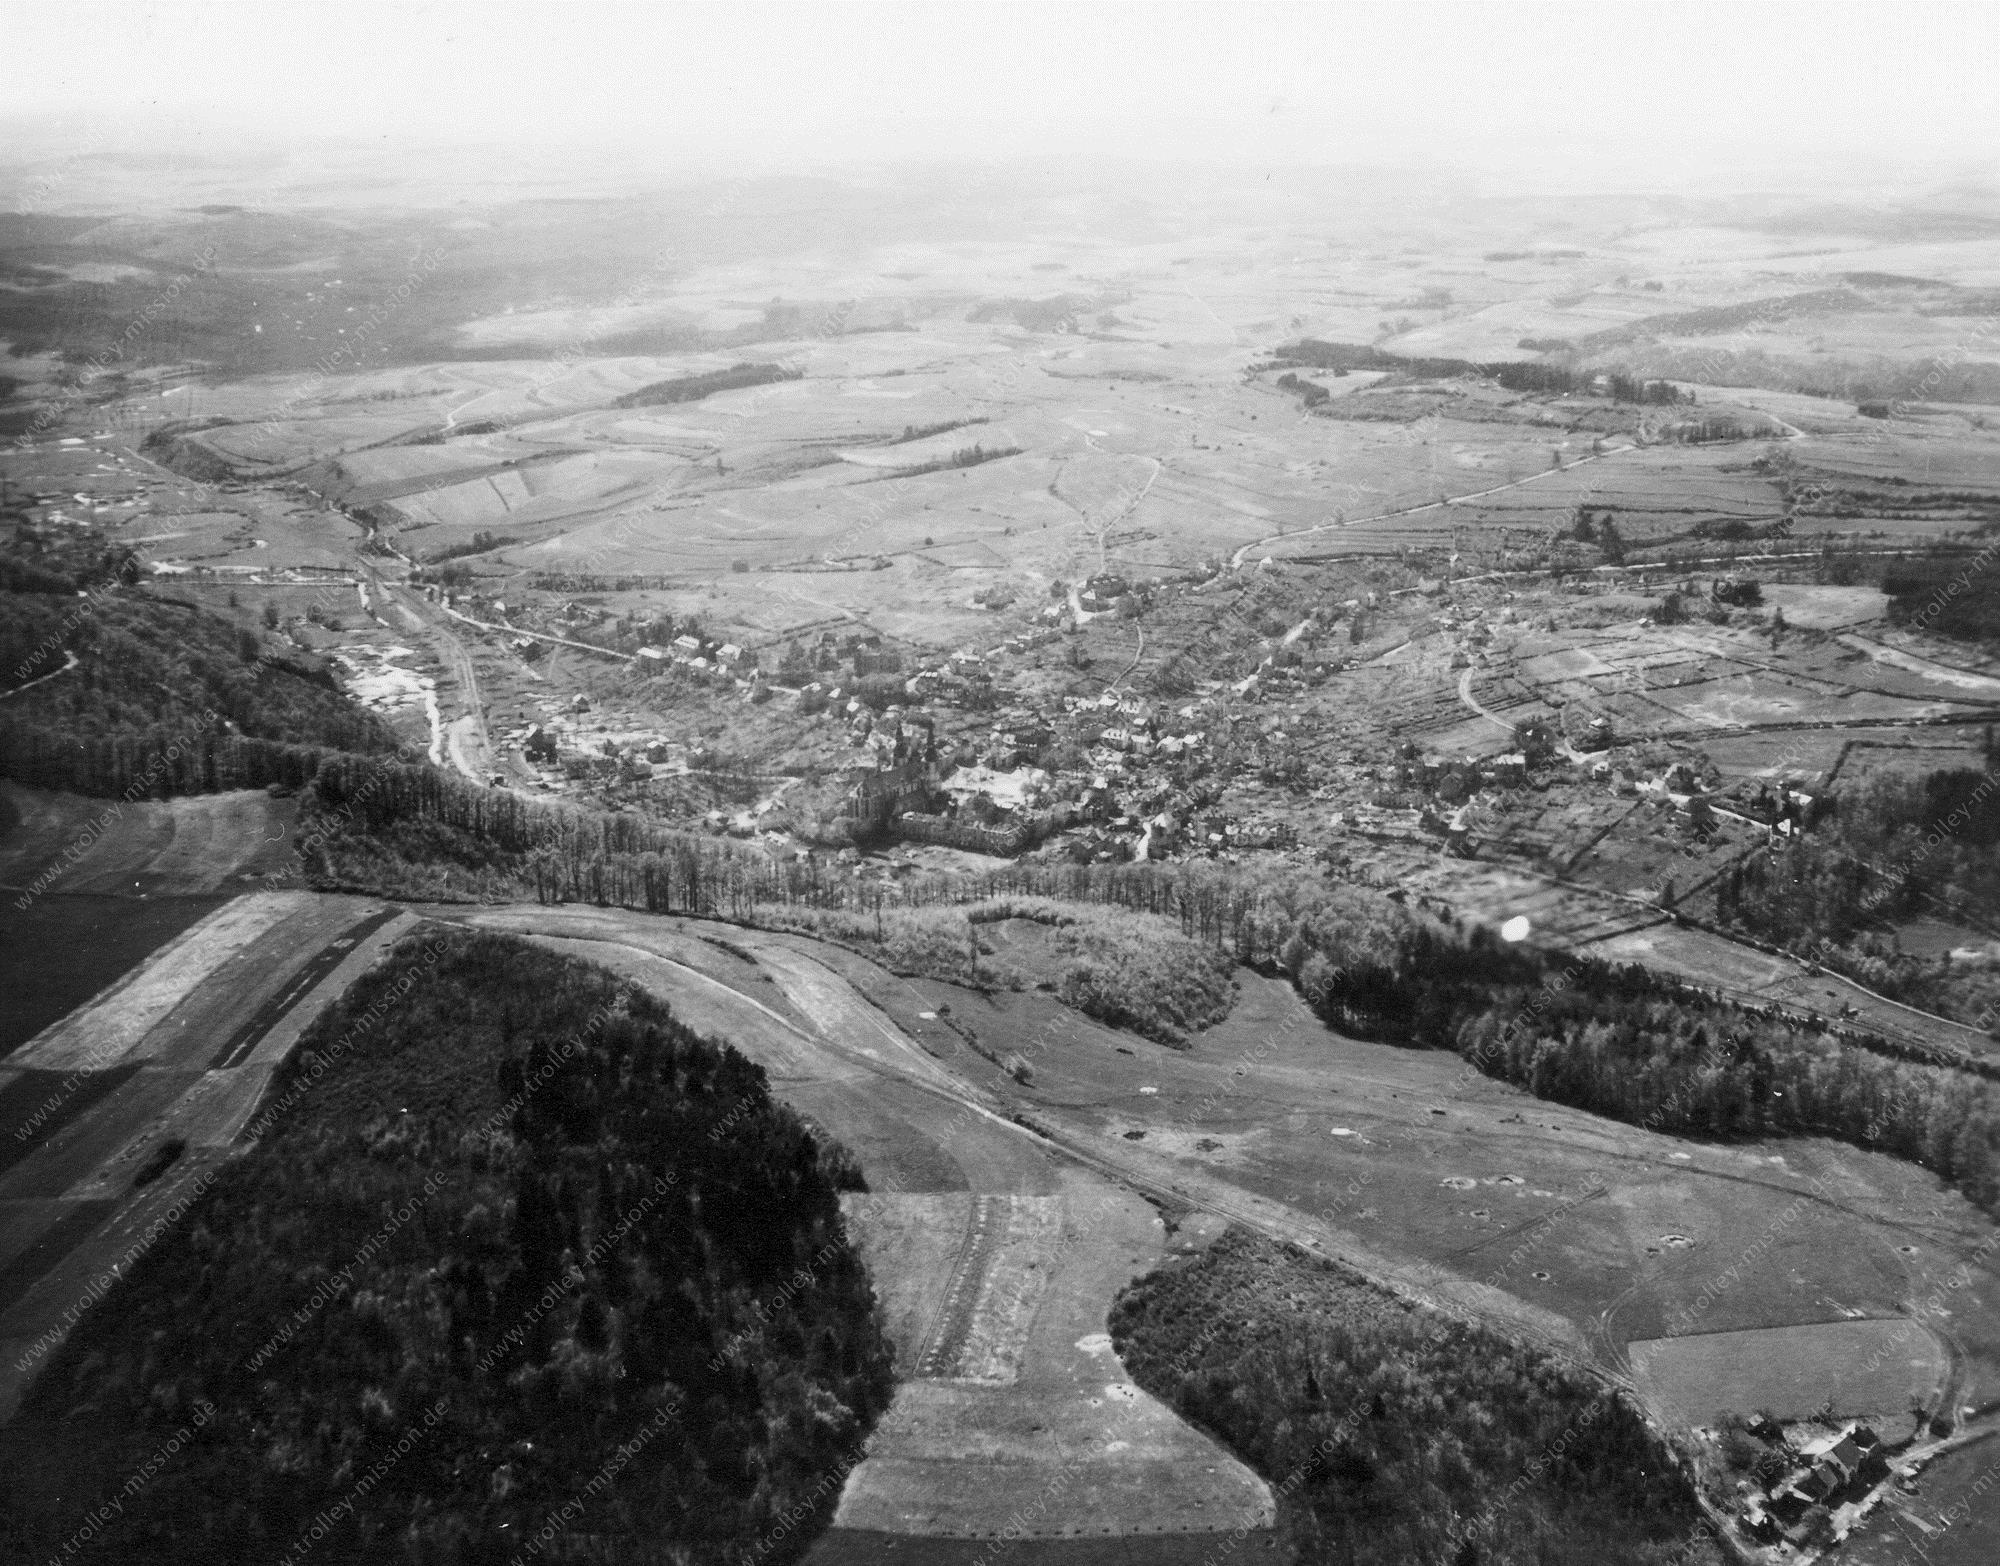 Prüm in der Eifel Luftbild Basilika Sankt Salvator